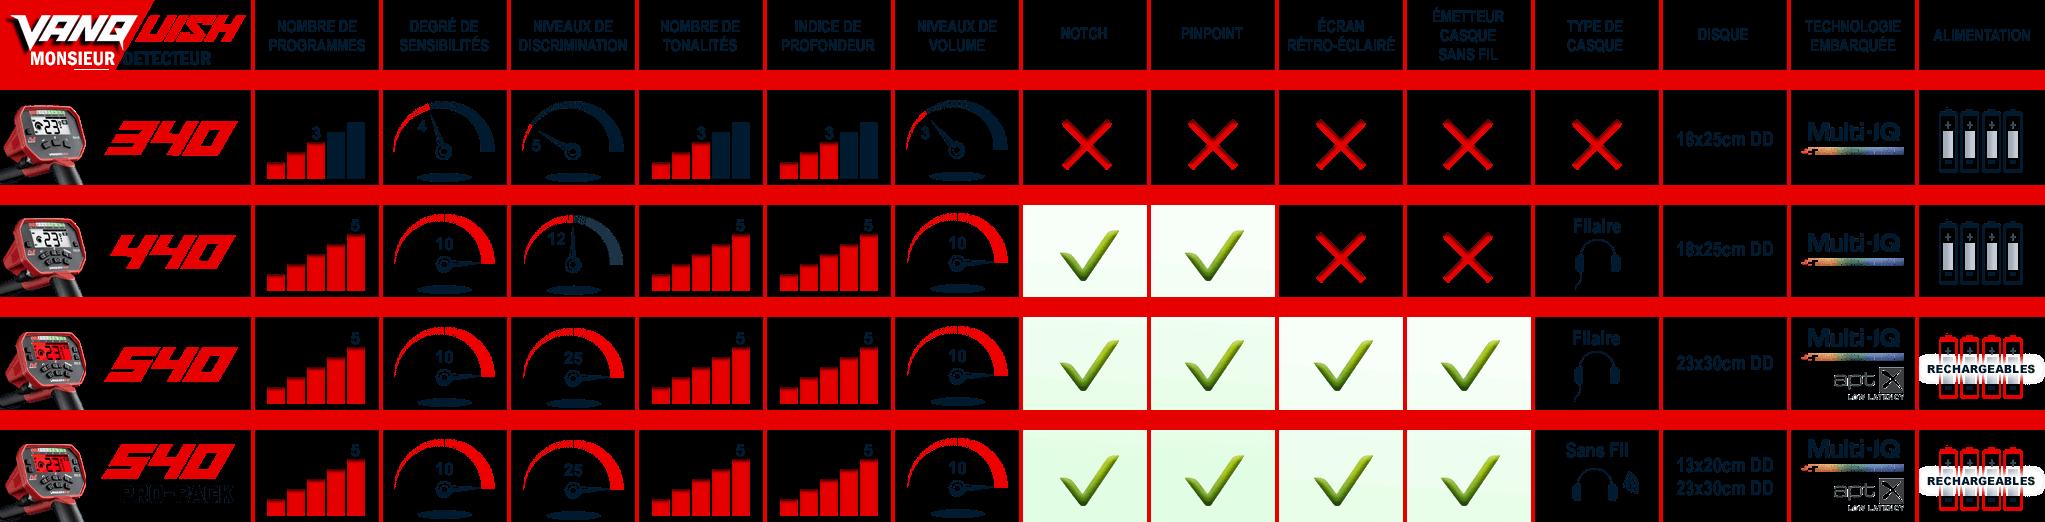 tableau-comparatif-des-détecteurs-vanquish-minelab.png